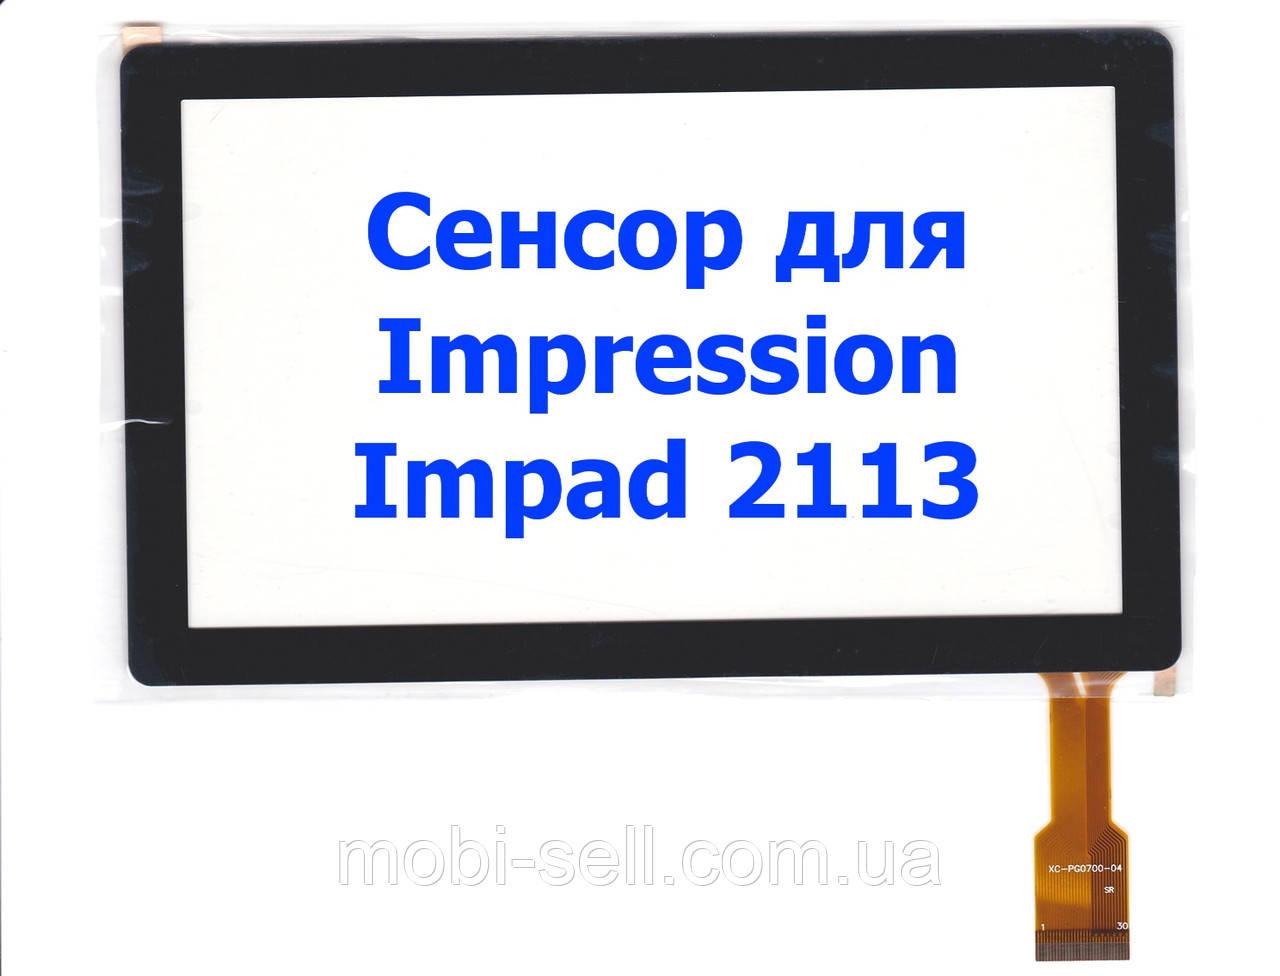 Сенсорный экран (тачскрин, сенсор) для ImPad 2113